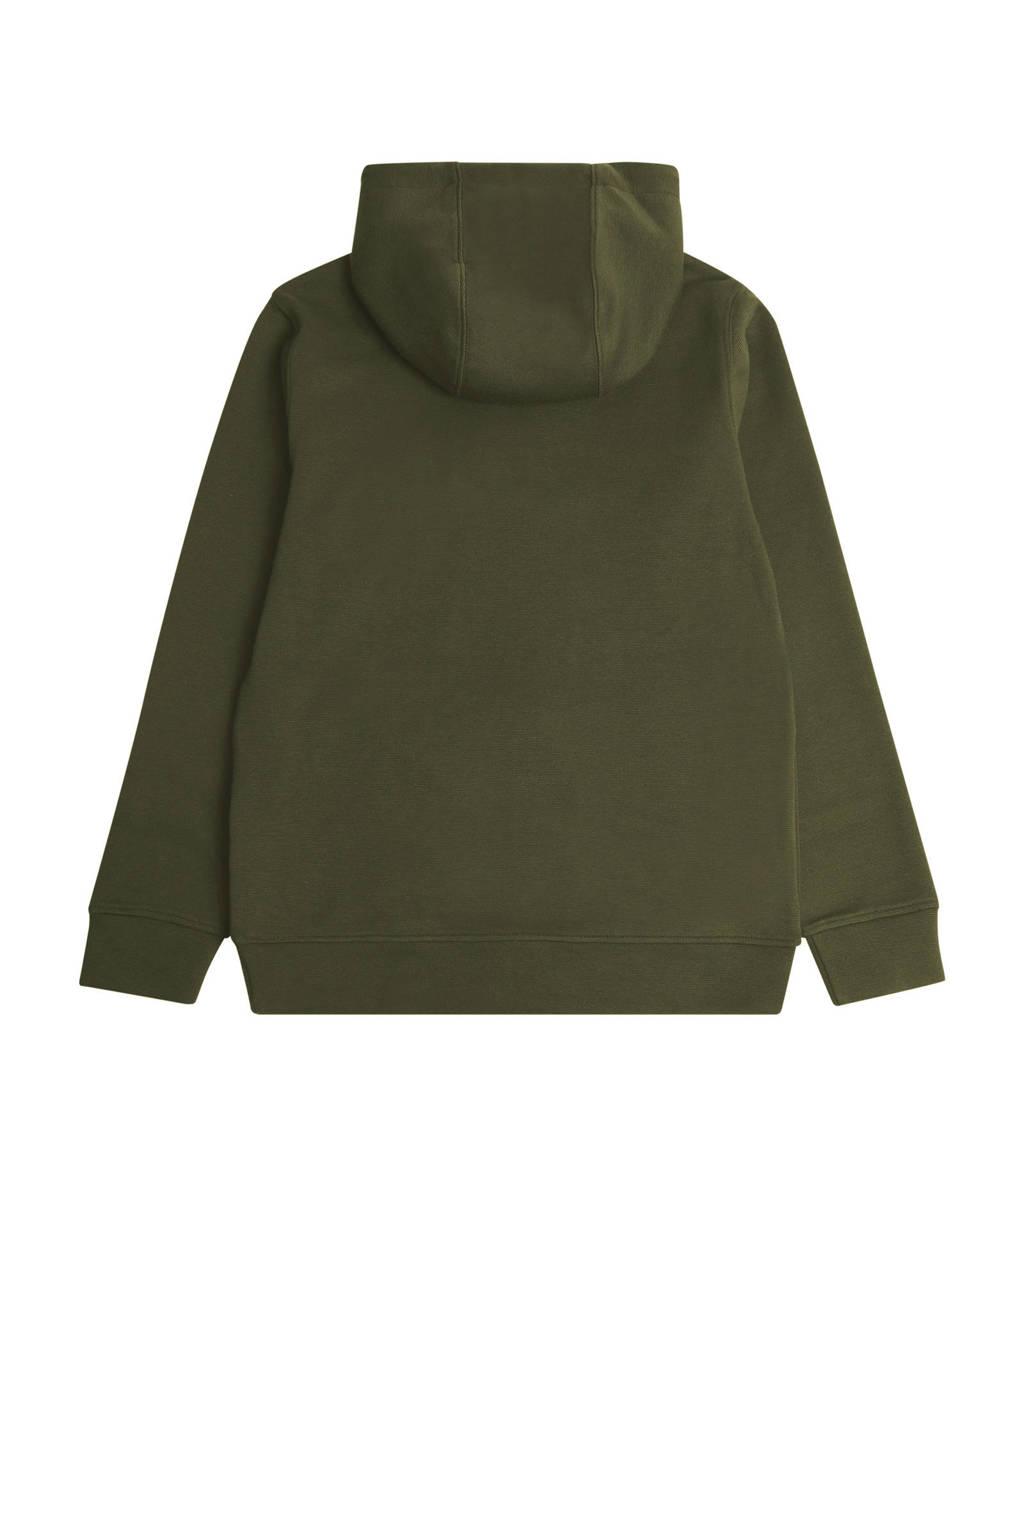 Lyle & Scott hoodie met logo olijfgroen/geel, Olijfgroen/geel